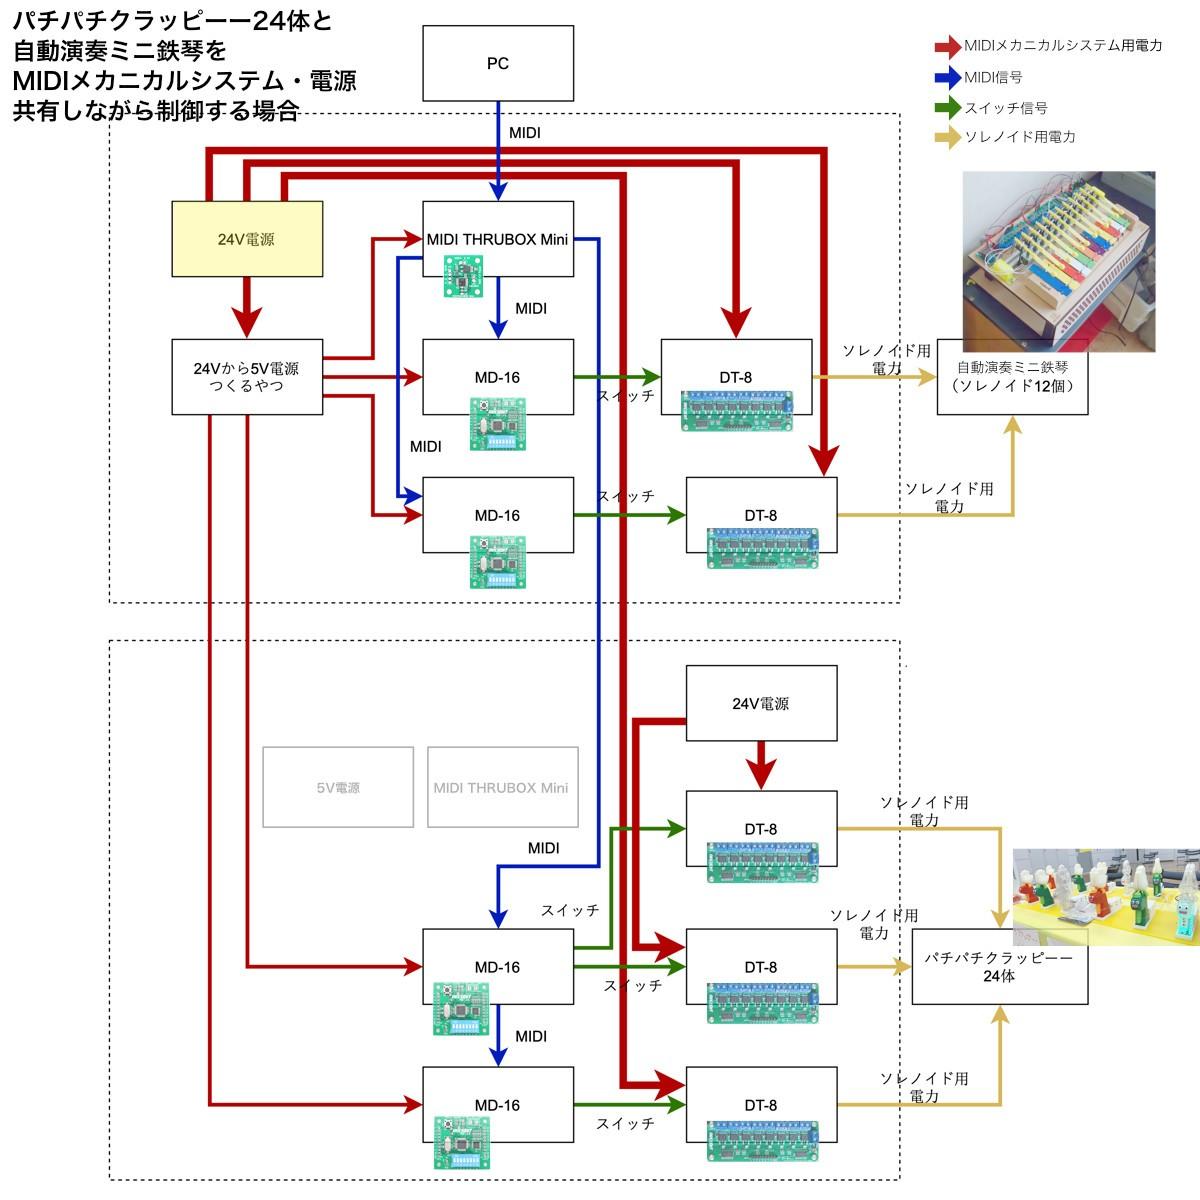 「24Vから5V電源つくるやつ」はその名の通り 24V電源からMIDIメカニカルシステムを動かすための5V電圧を作ります。